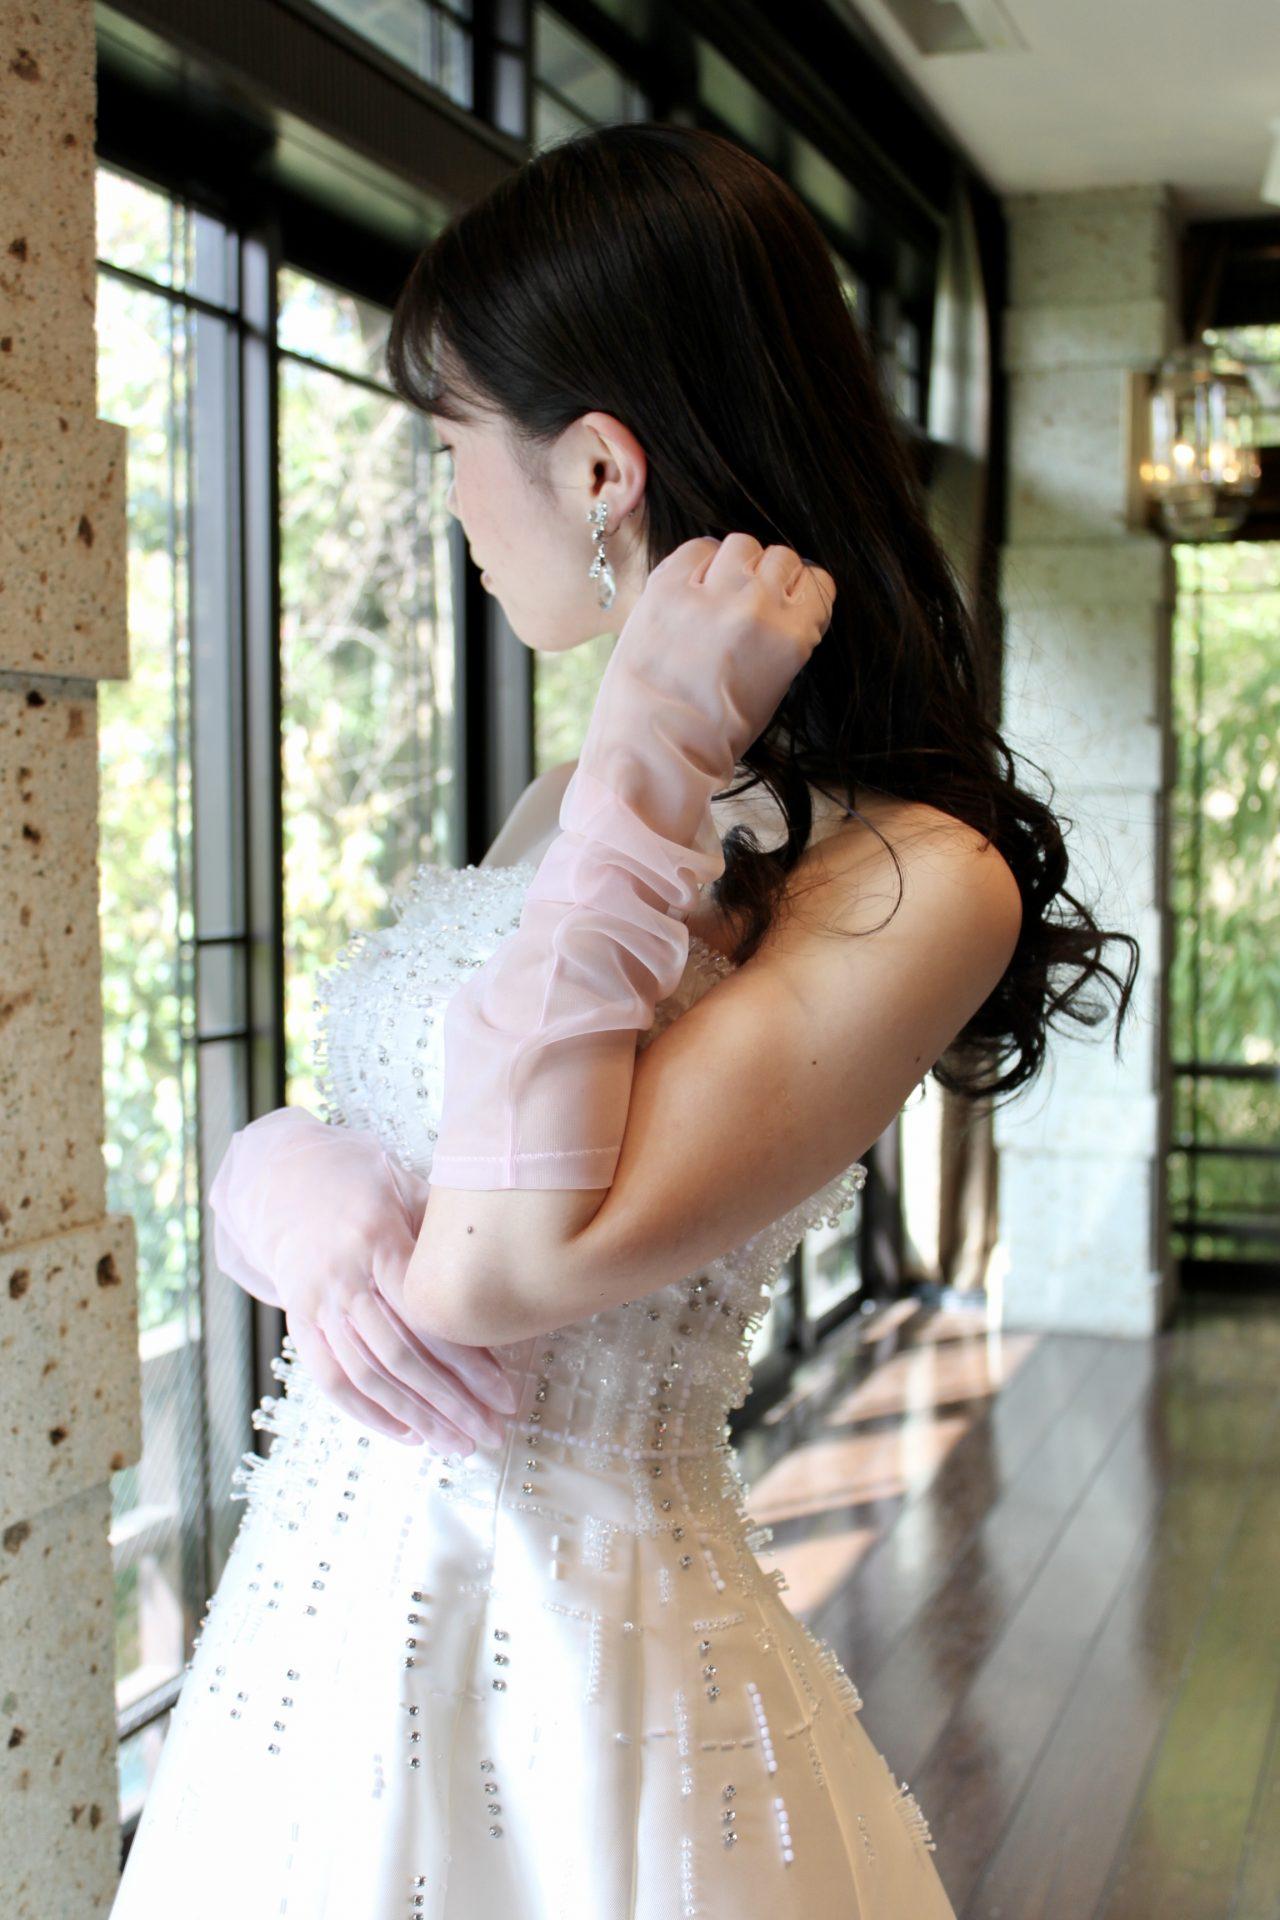 トリートドレッシング京都店にてお取り扱いをしているTOMOKOIZUMIのグローブはフェミニンで愛らしい雰囲気に